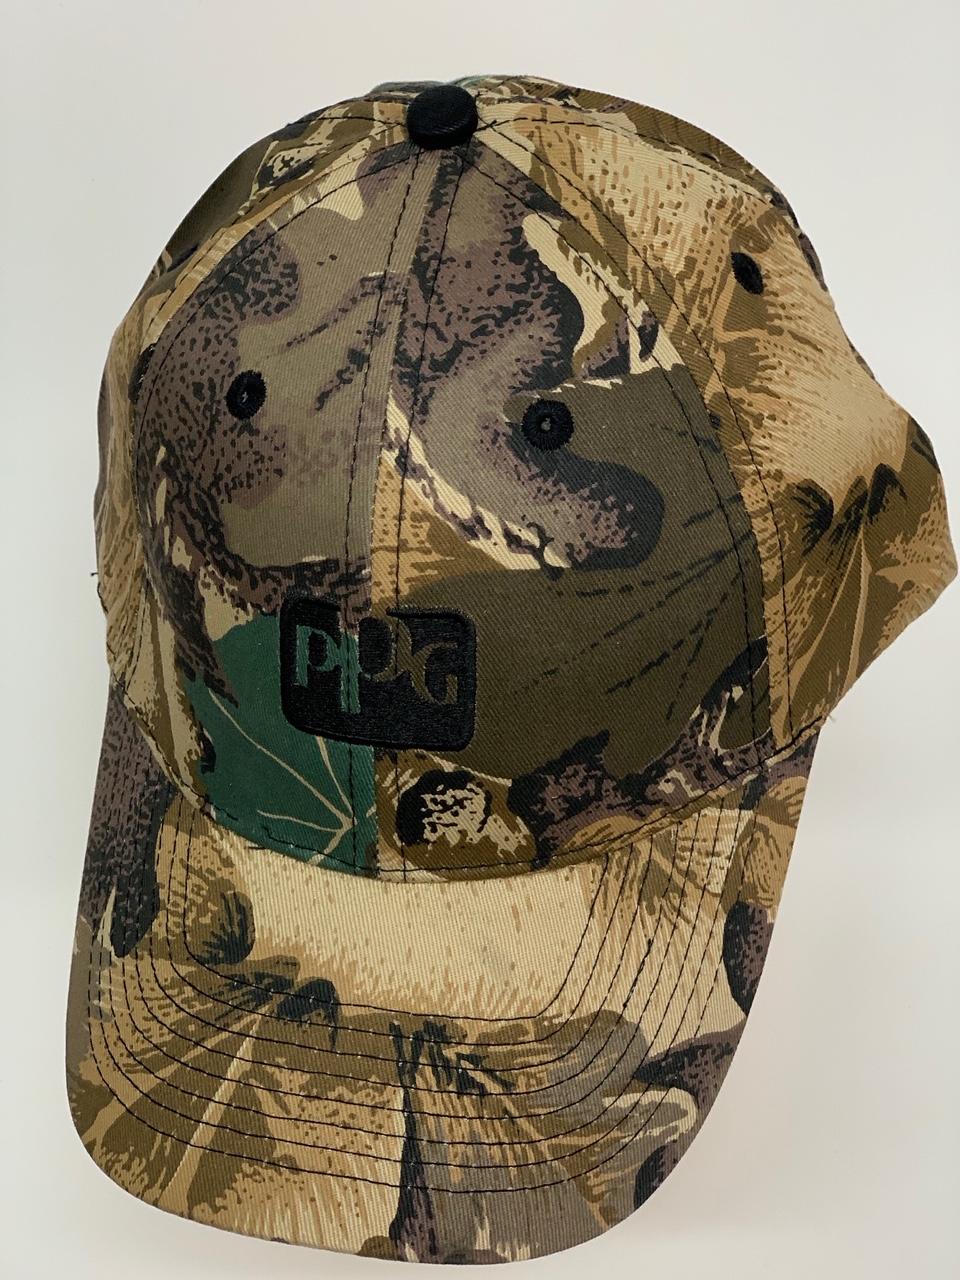 Бейсболка PPG из камуфлированной ткани